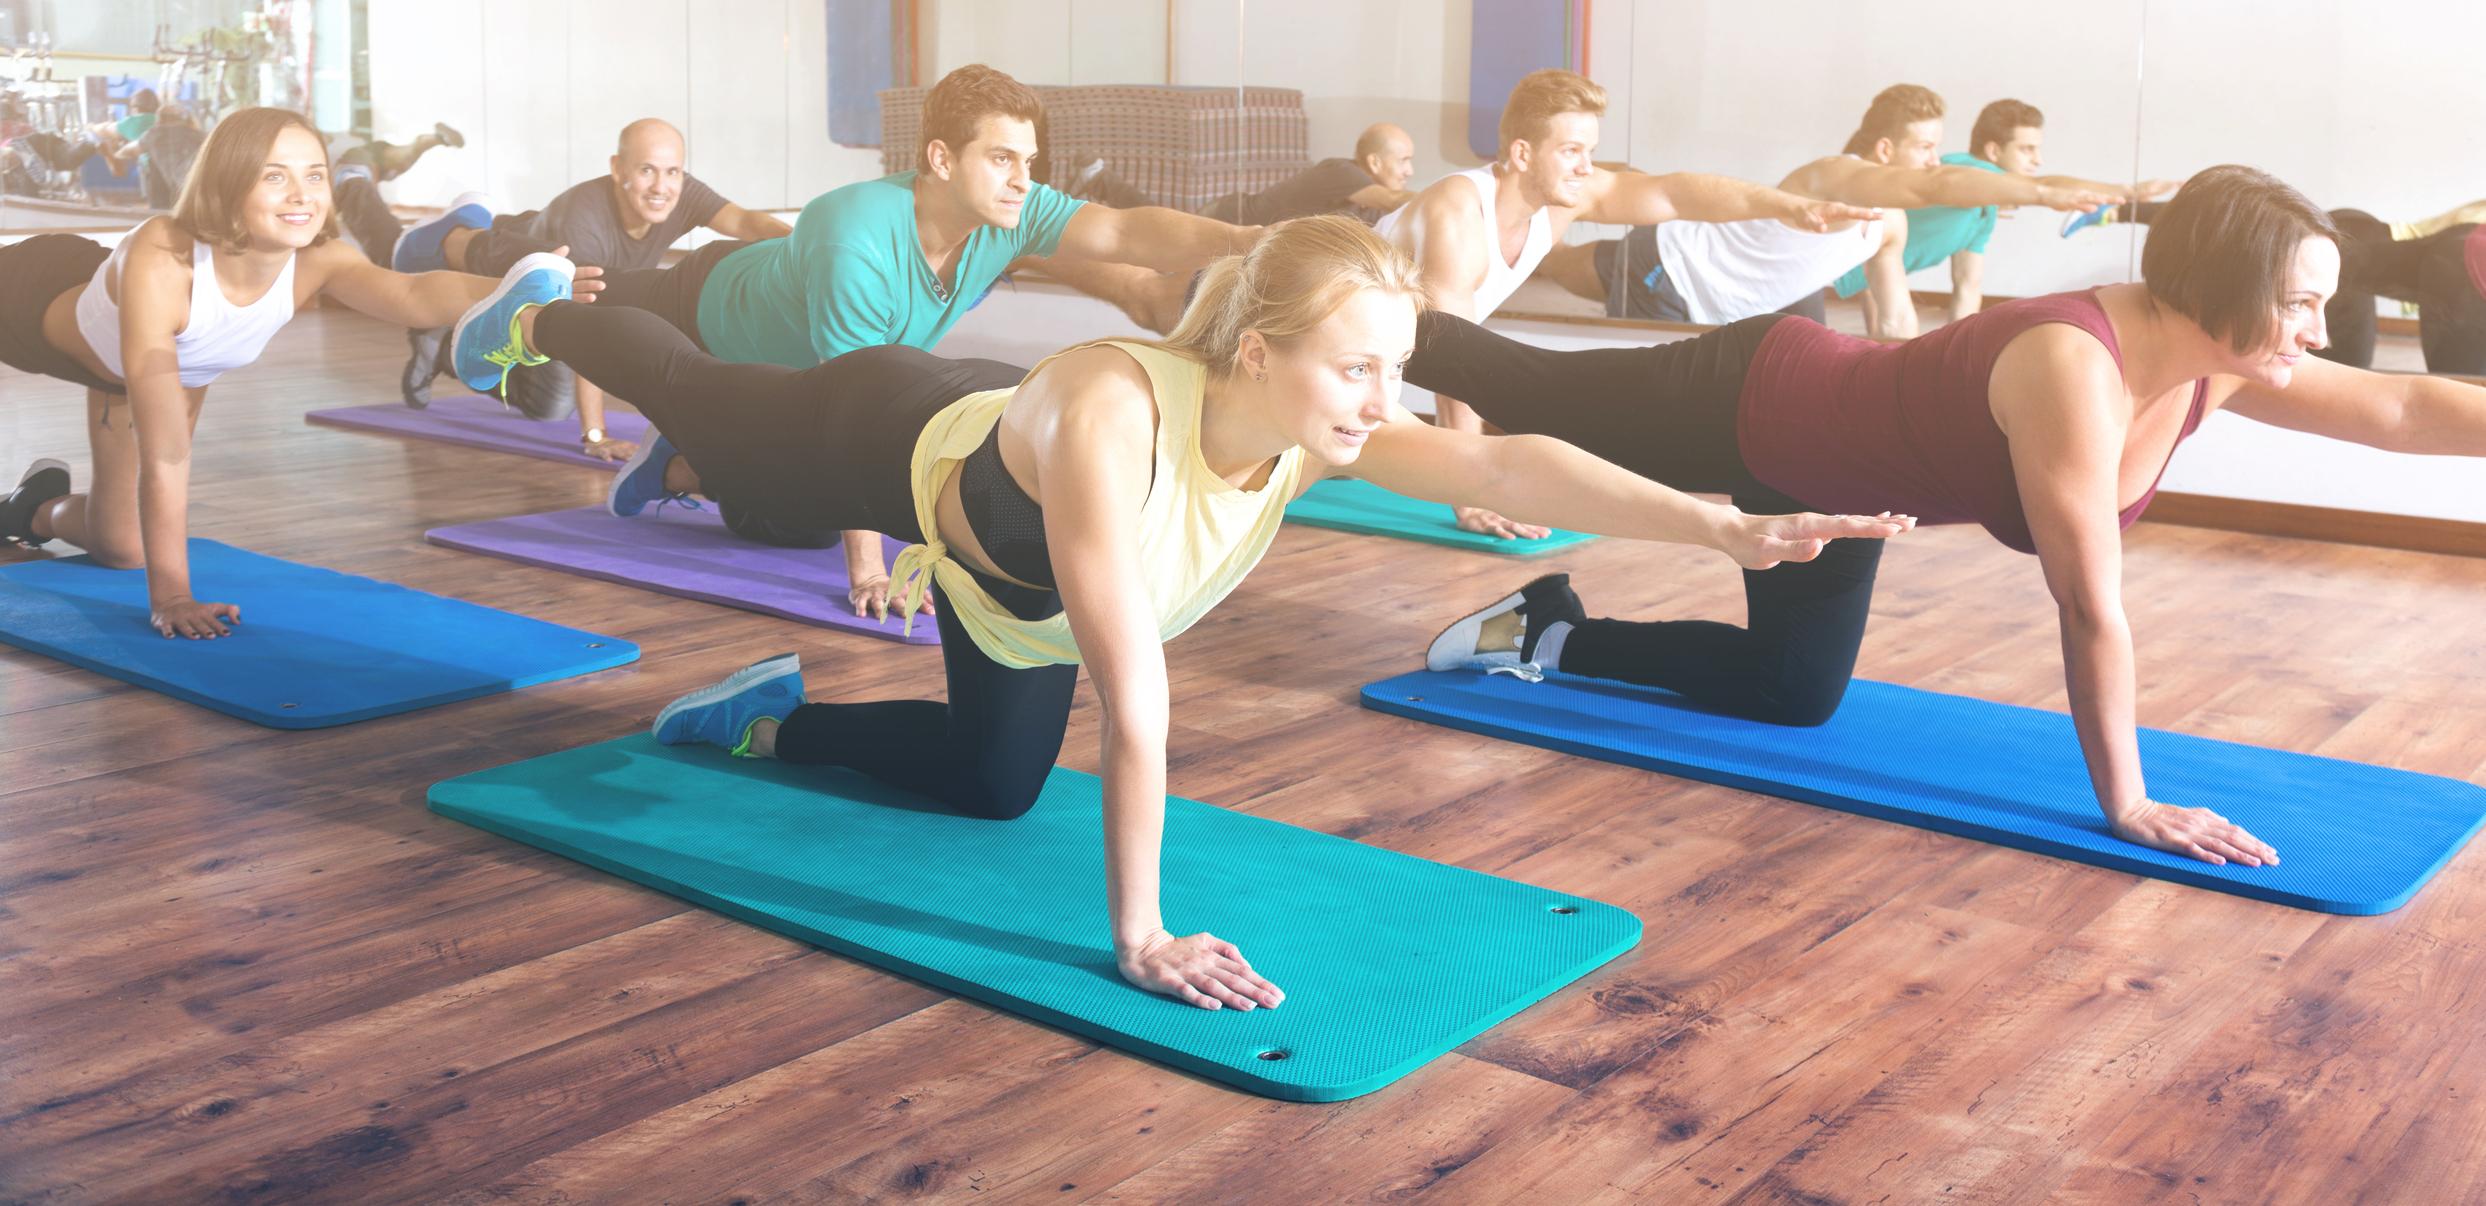 a886d61292bcc Yoga class pic.jpg